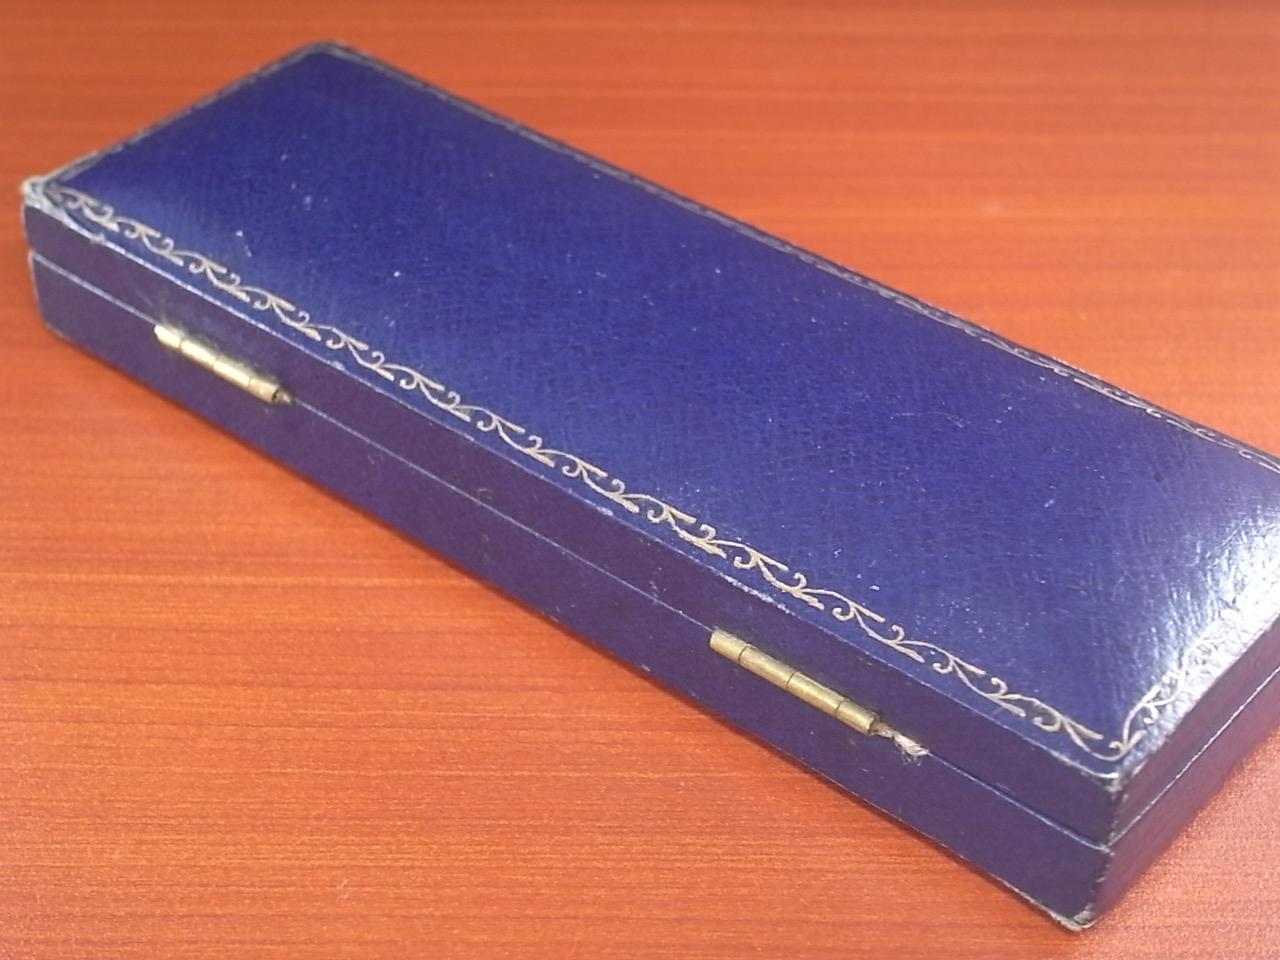 J.W.ベンソン アンティーク 箱 ウォッチボックス ネイビー 1940年代の写真4枚目